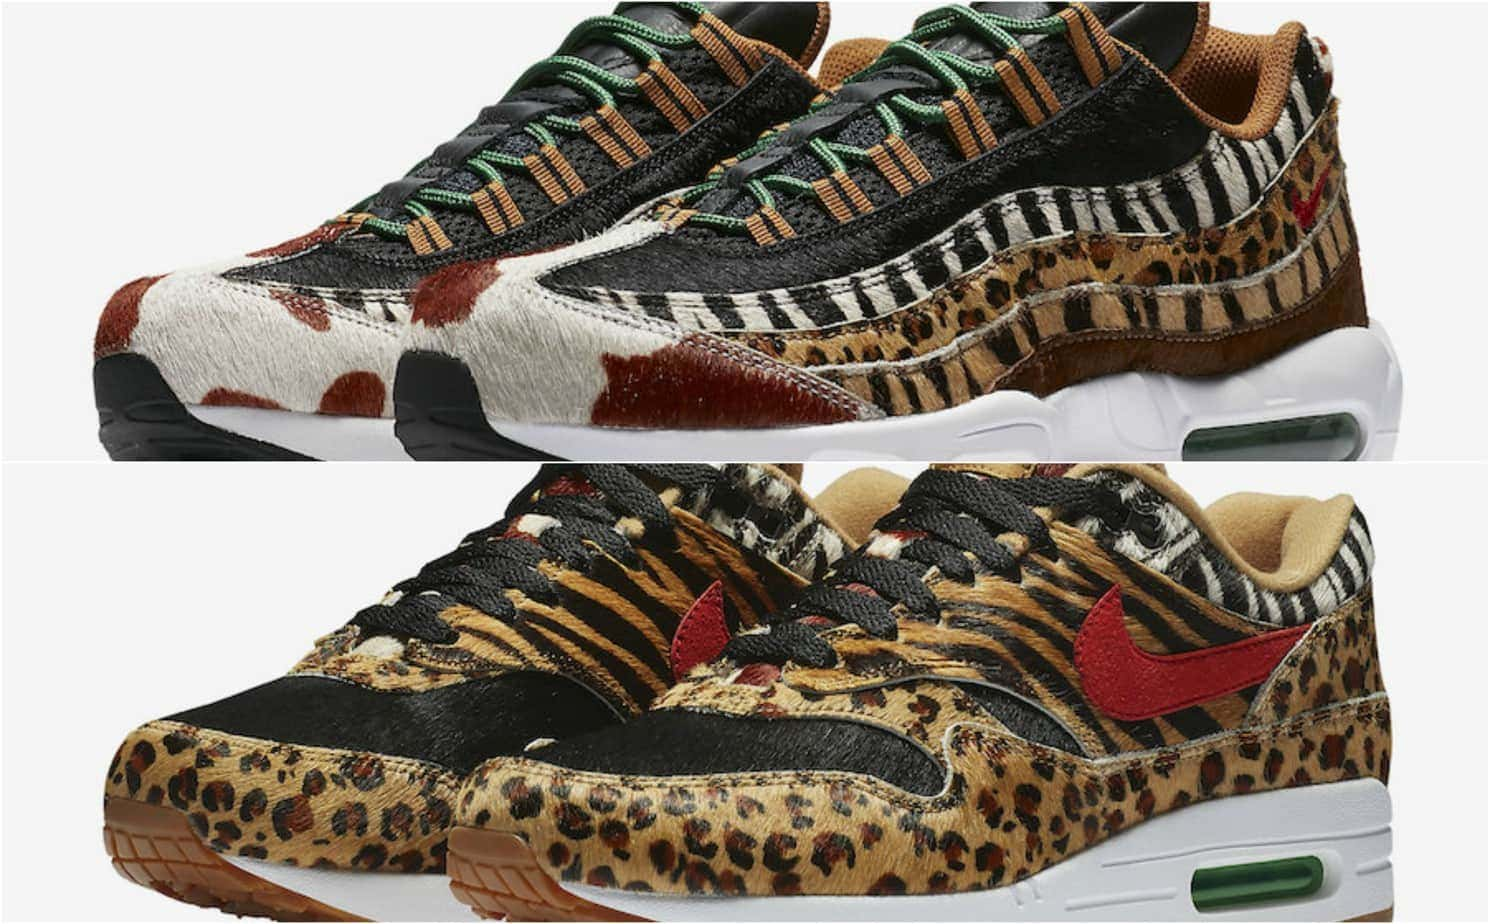 99a9a49afda7c2 Atmos x Nike Air Max